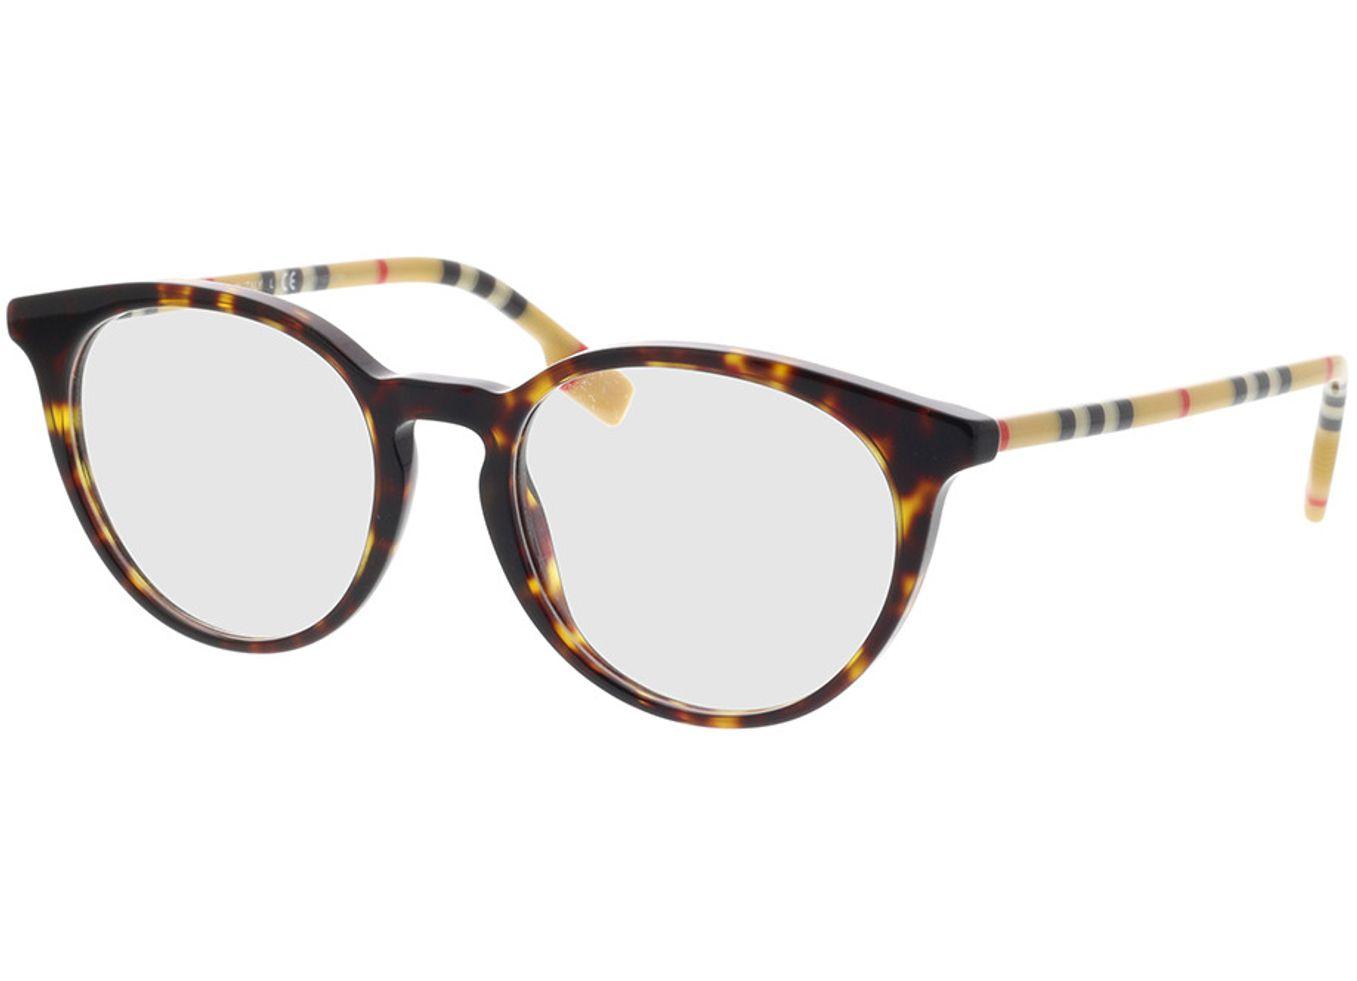 8056597167024 Burberry BE2318 3854 51-18 Brillengestell inkl. Gläser, Damen, Vollrand, Rund